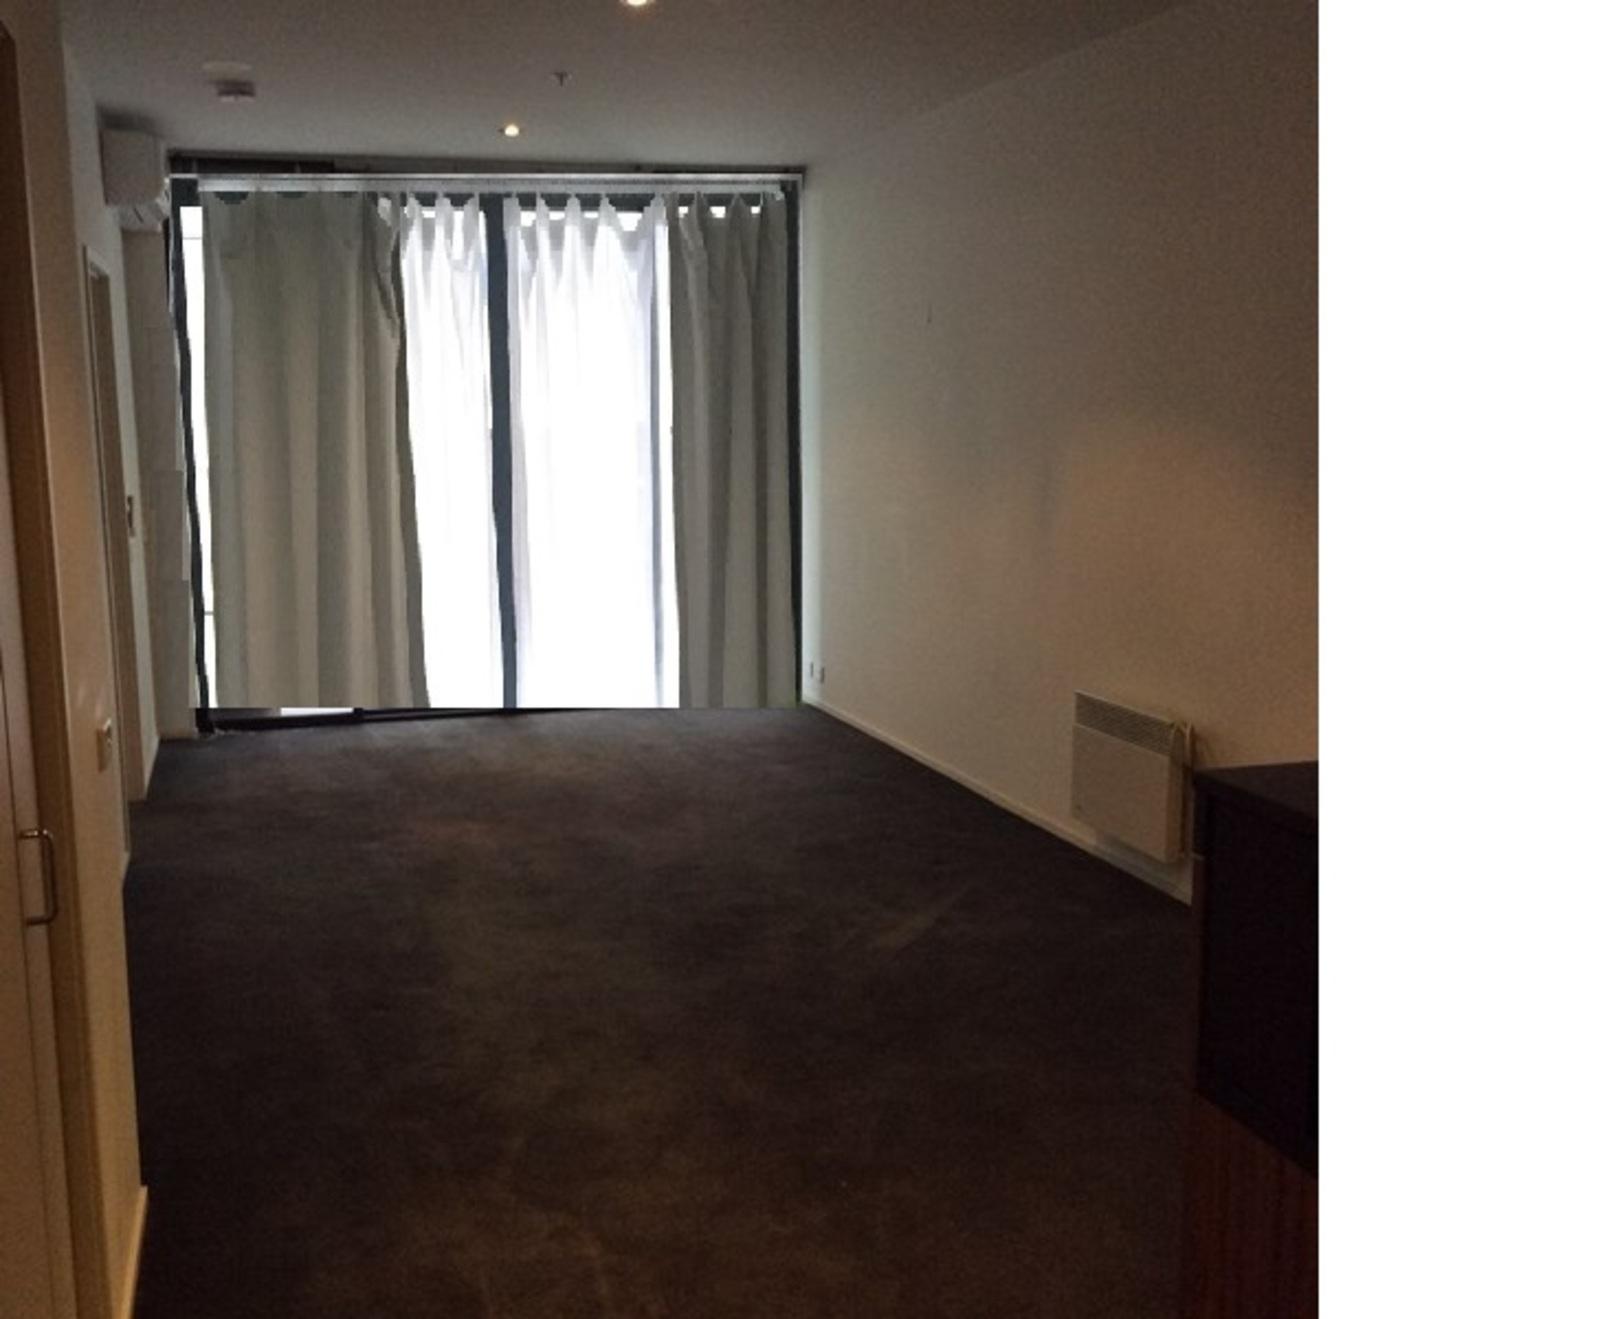 708/610 St Kilda Road, Melbourne 3004 - Image 4